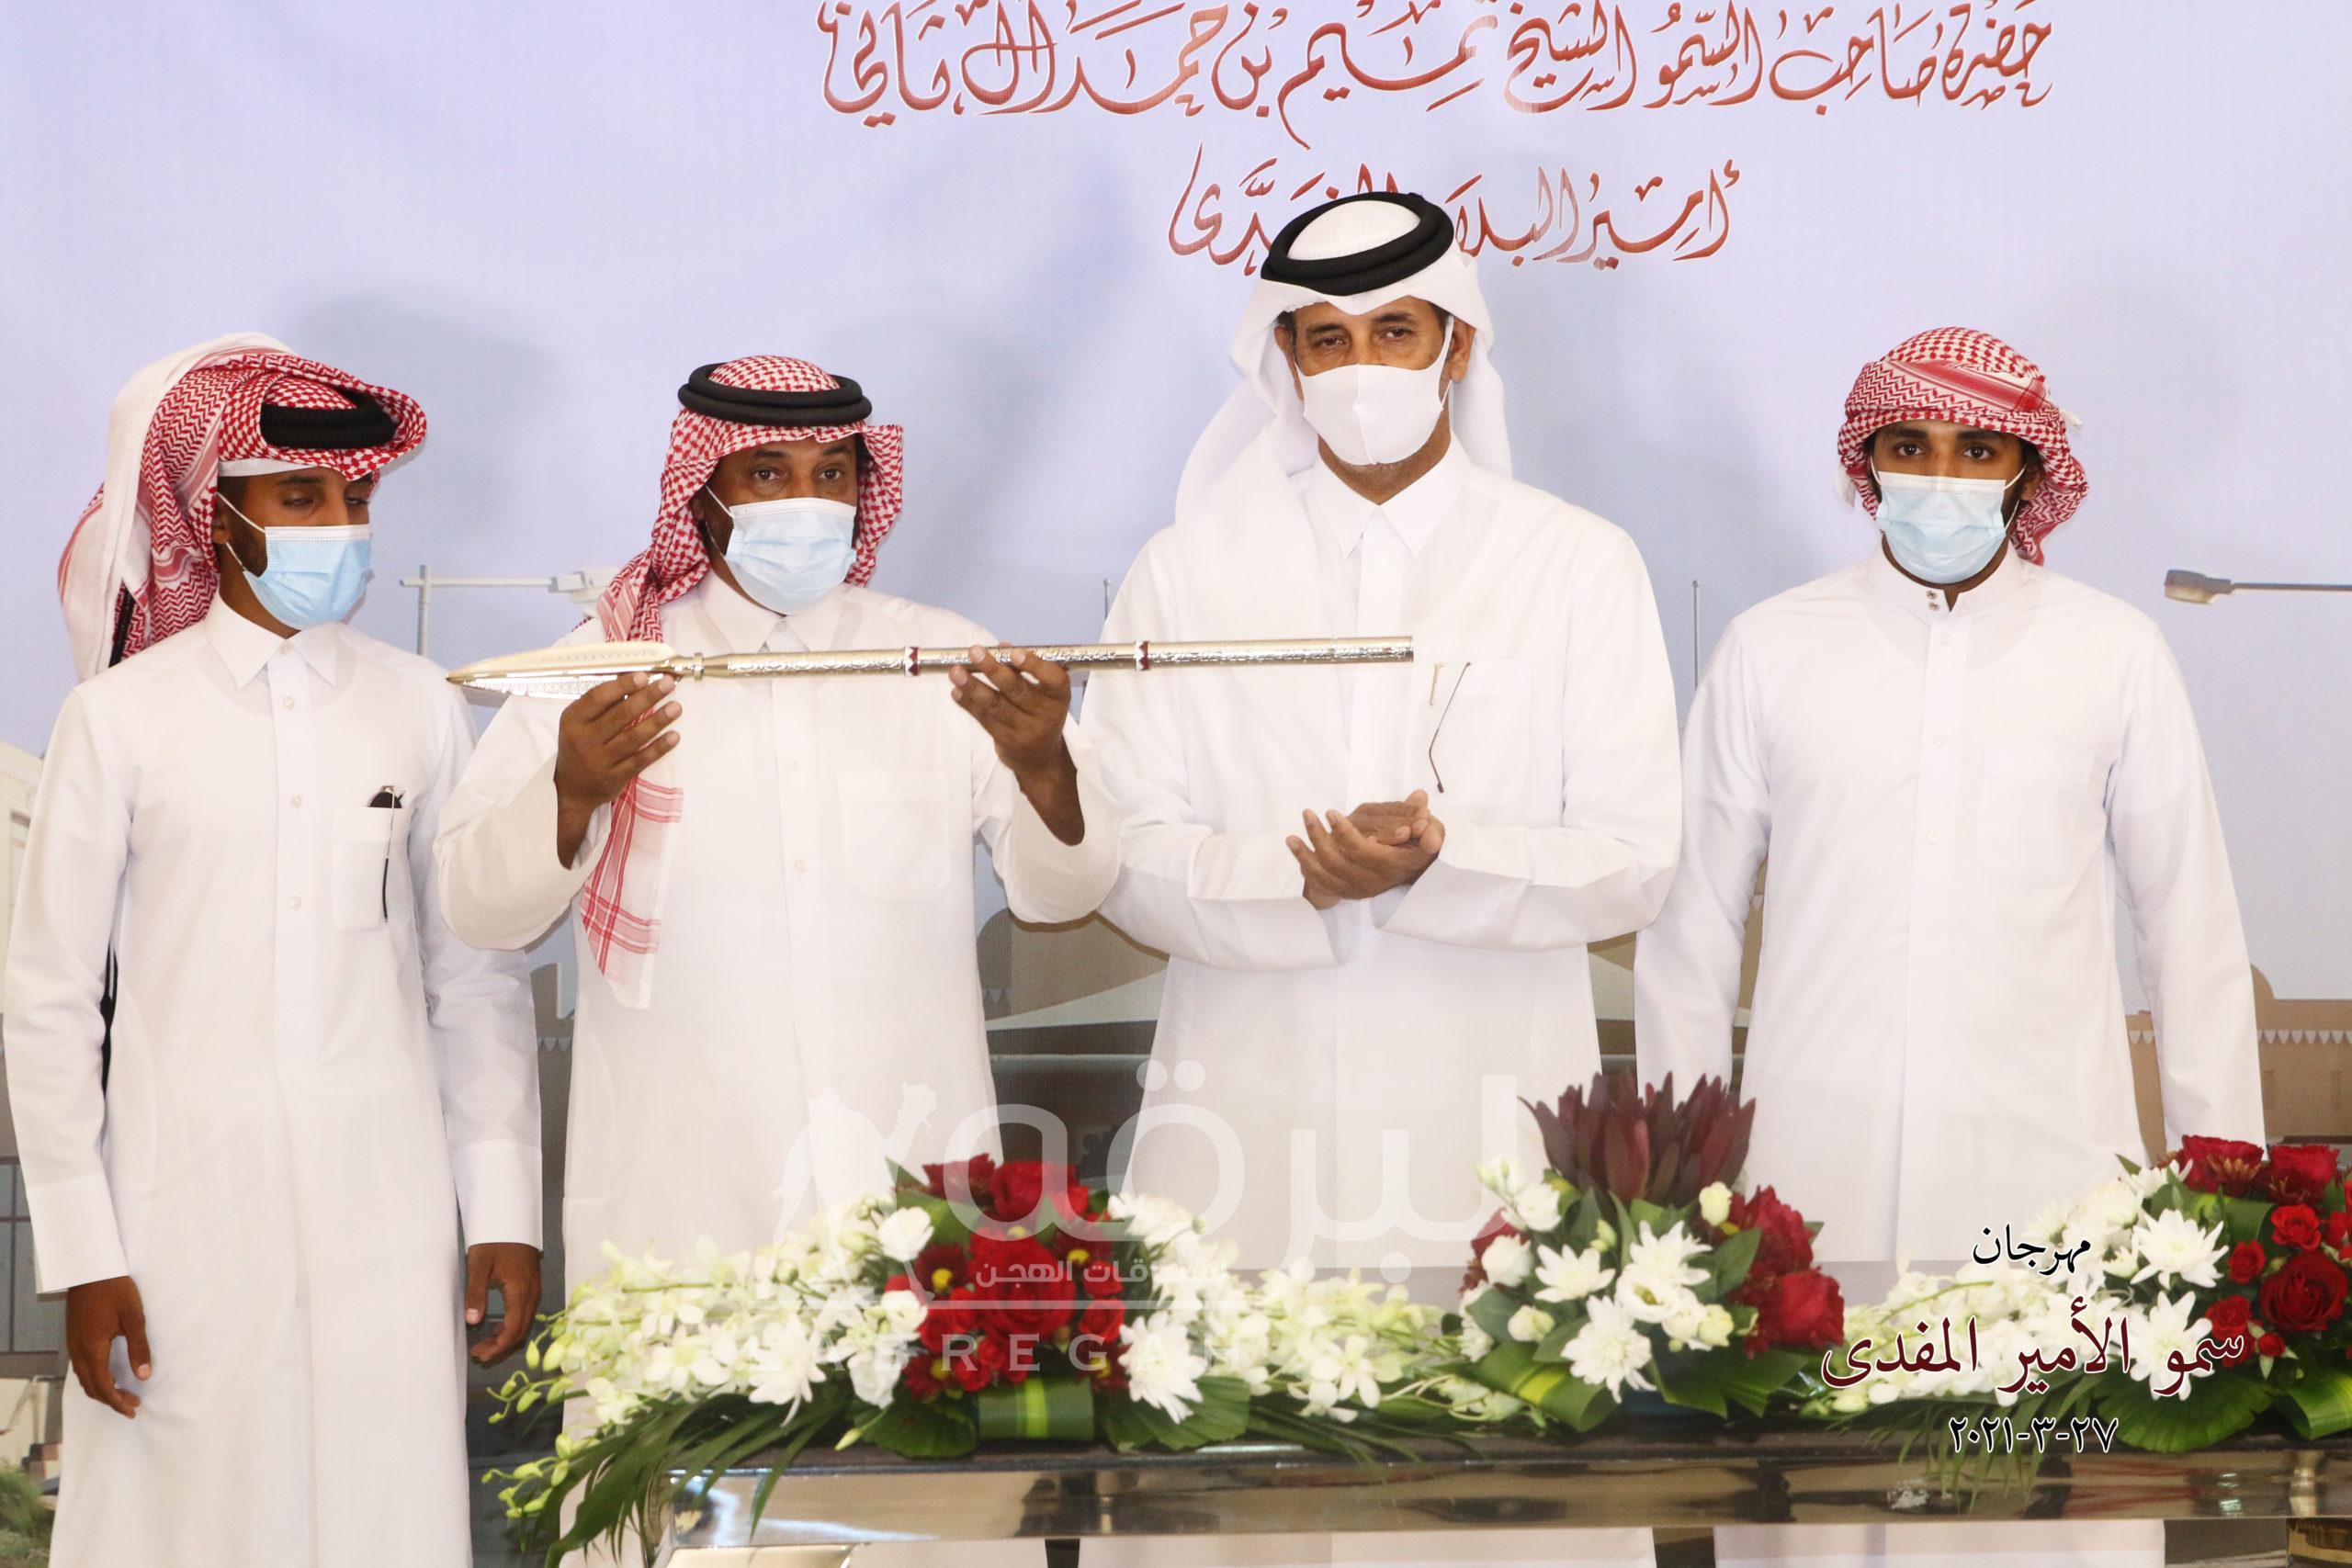 """محمد بن جرحب: """"شقراء"""" حققت أقوى نواميس الإنتاج وماخيبت الظن"""